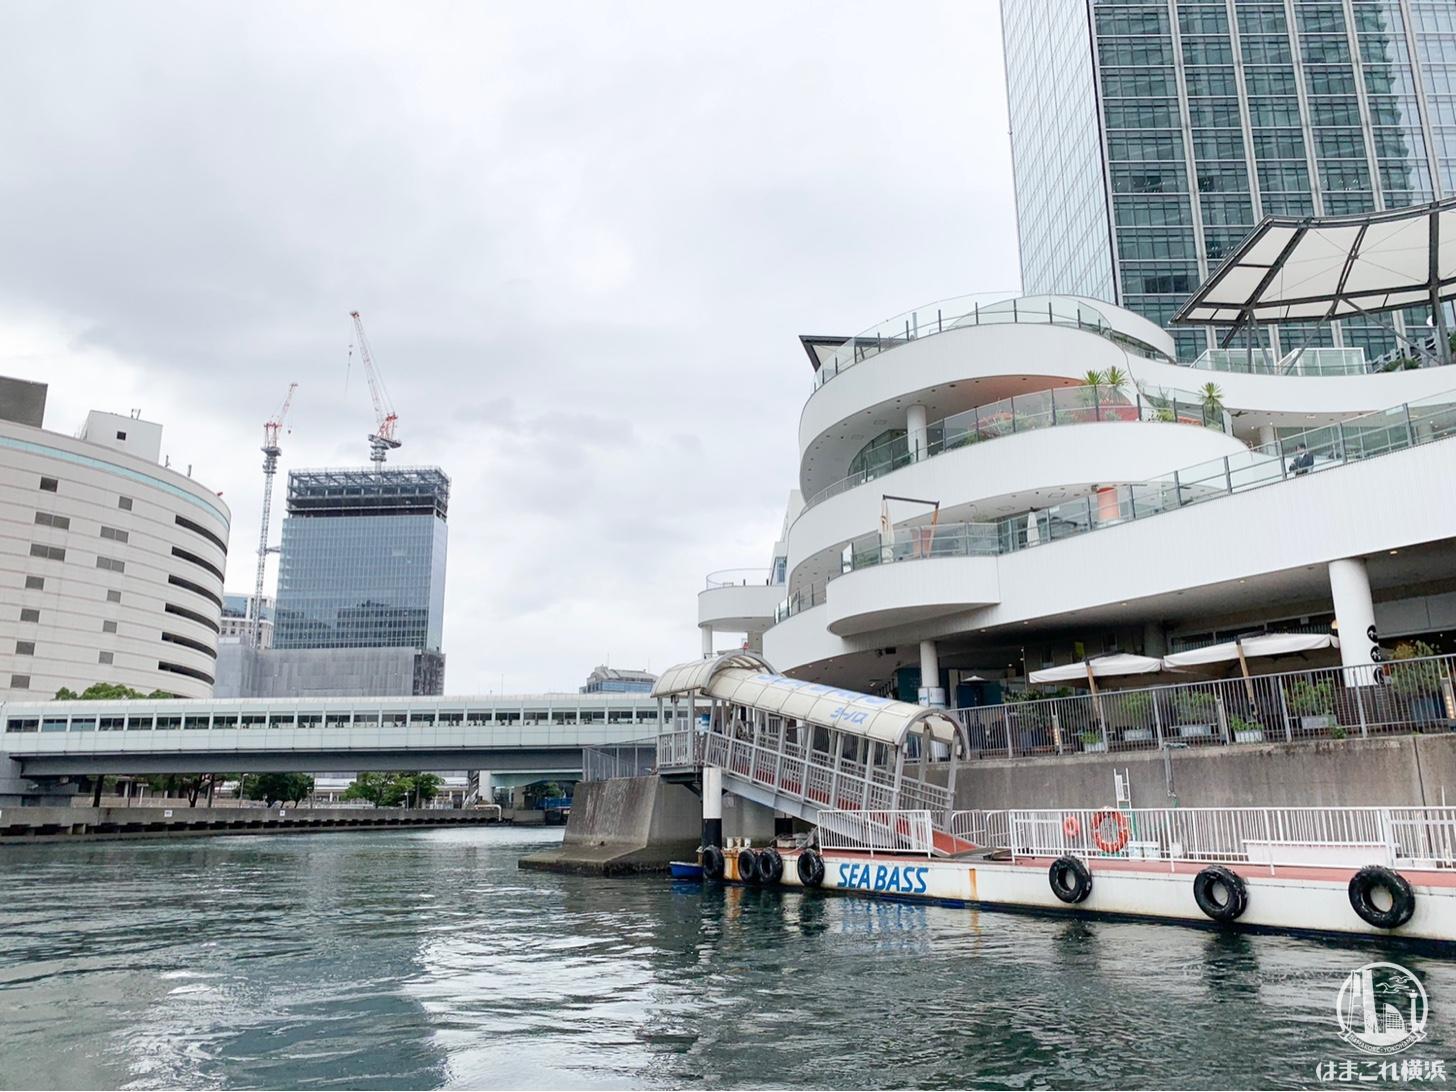 横浜駅東口を出発するシーバス